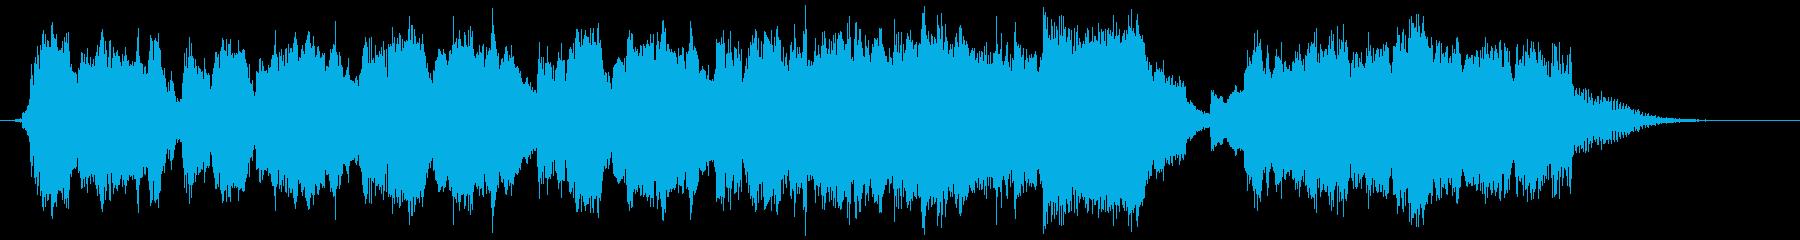 メルヘンチックなワルツの再生済みの波形